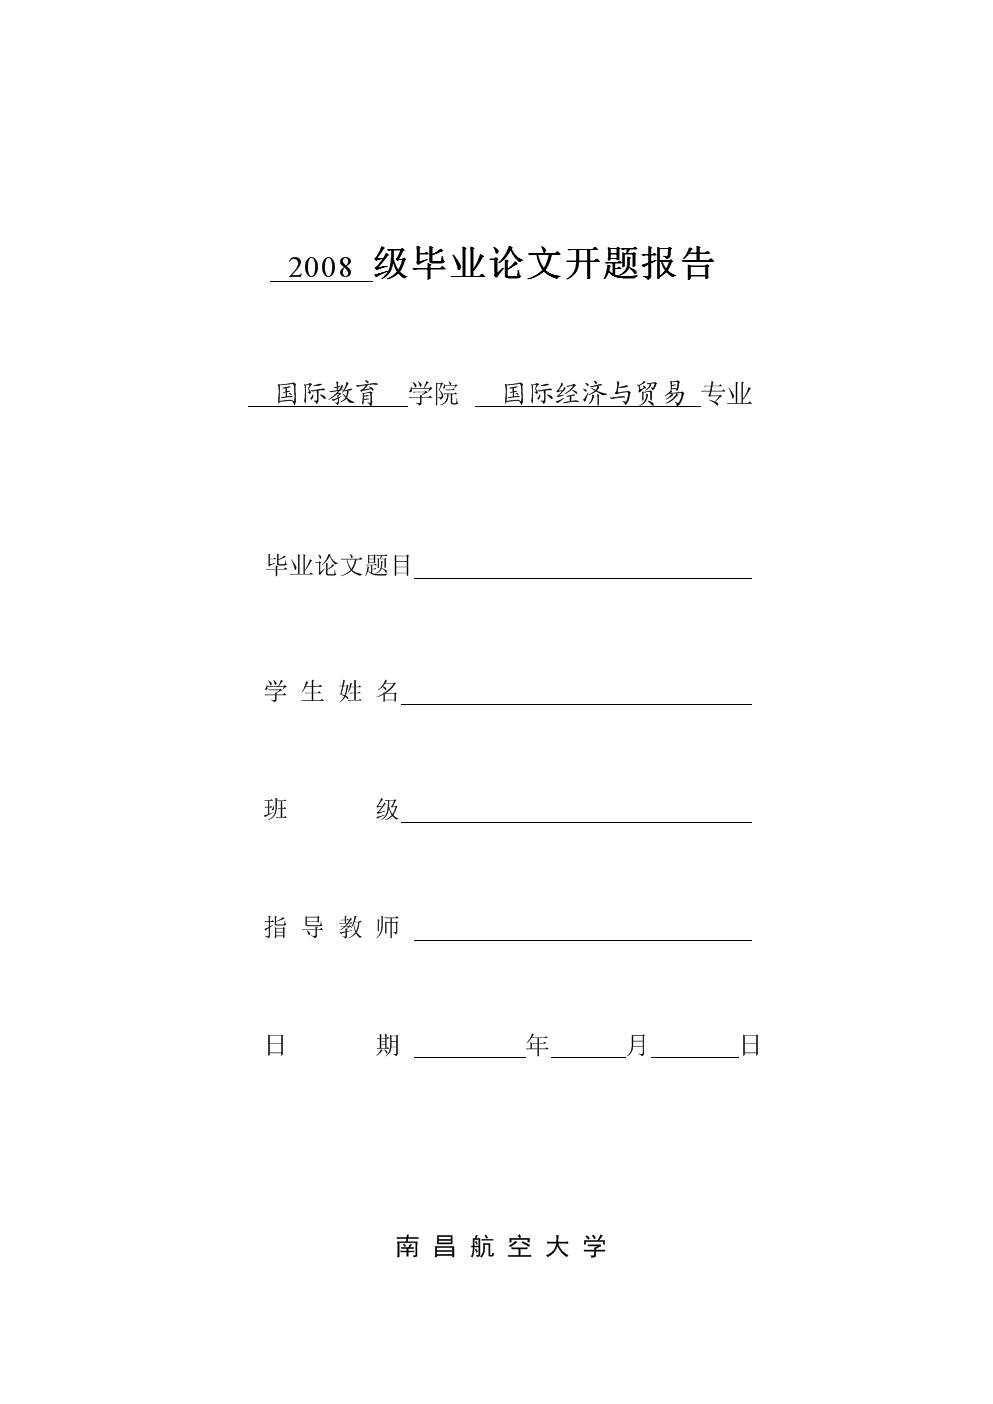 6 毕业论文开题报告模板 完整版.doc